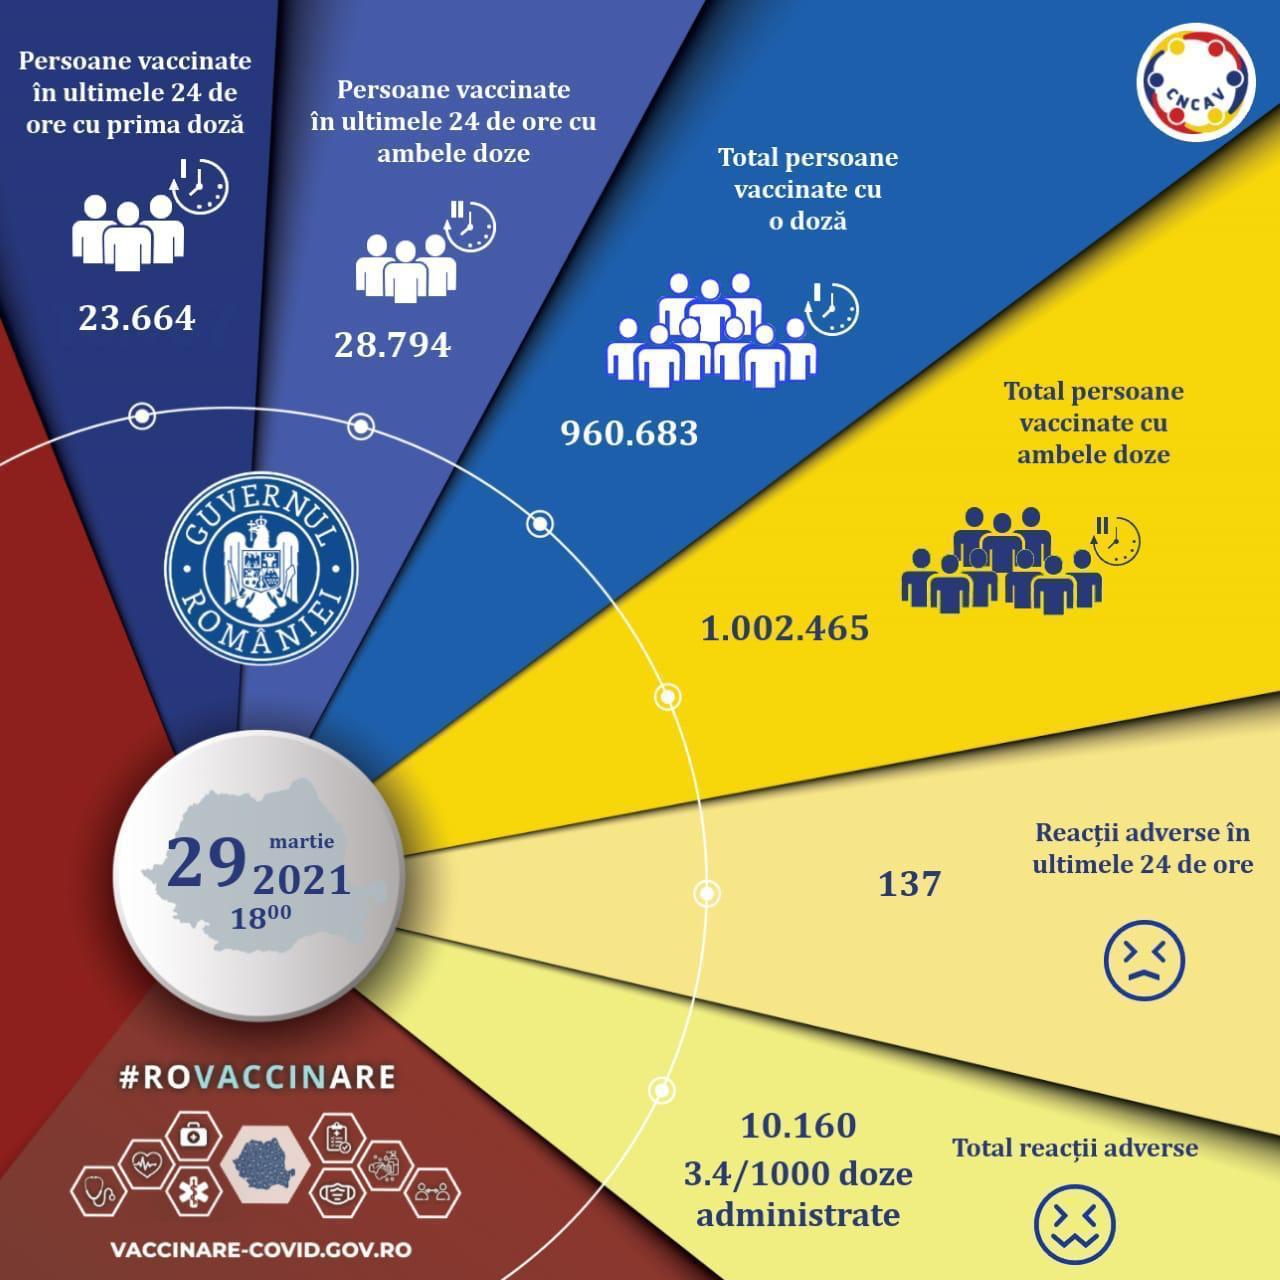 Campania de vaccinare împotriva COVID-19. Peste 50.000 de români au fost imunizați în ultimele 24 de ore